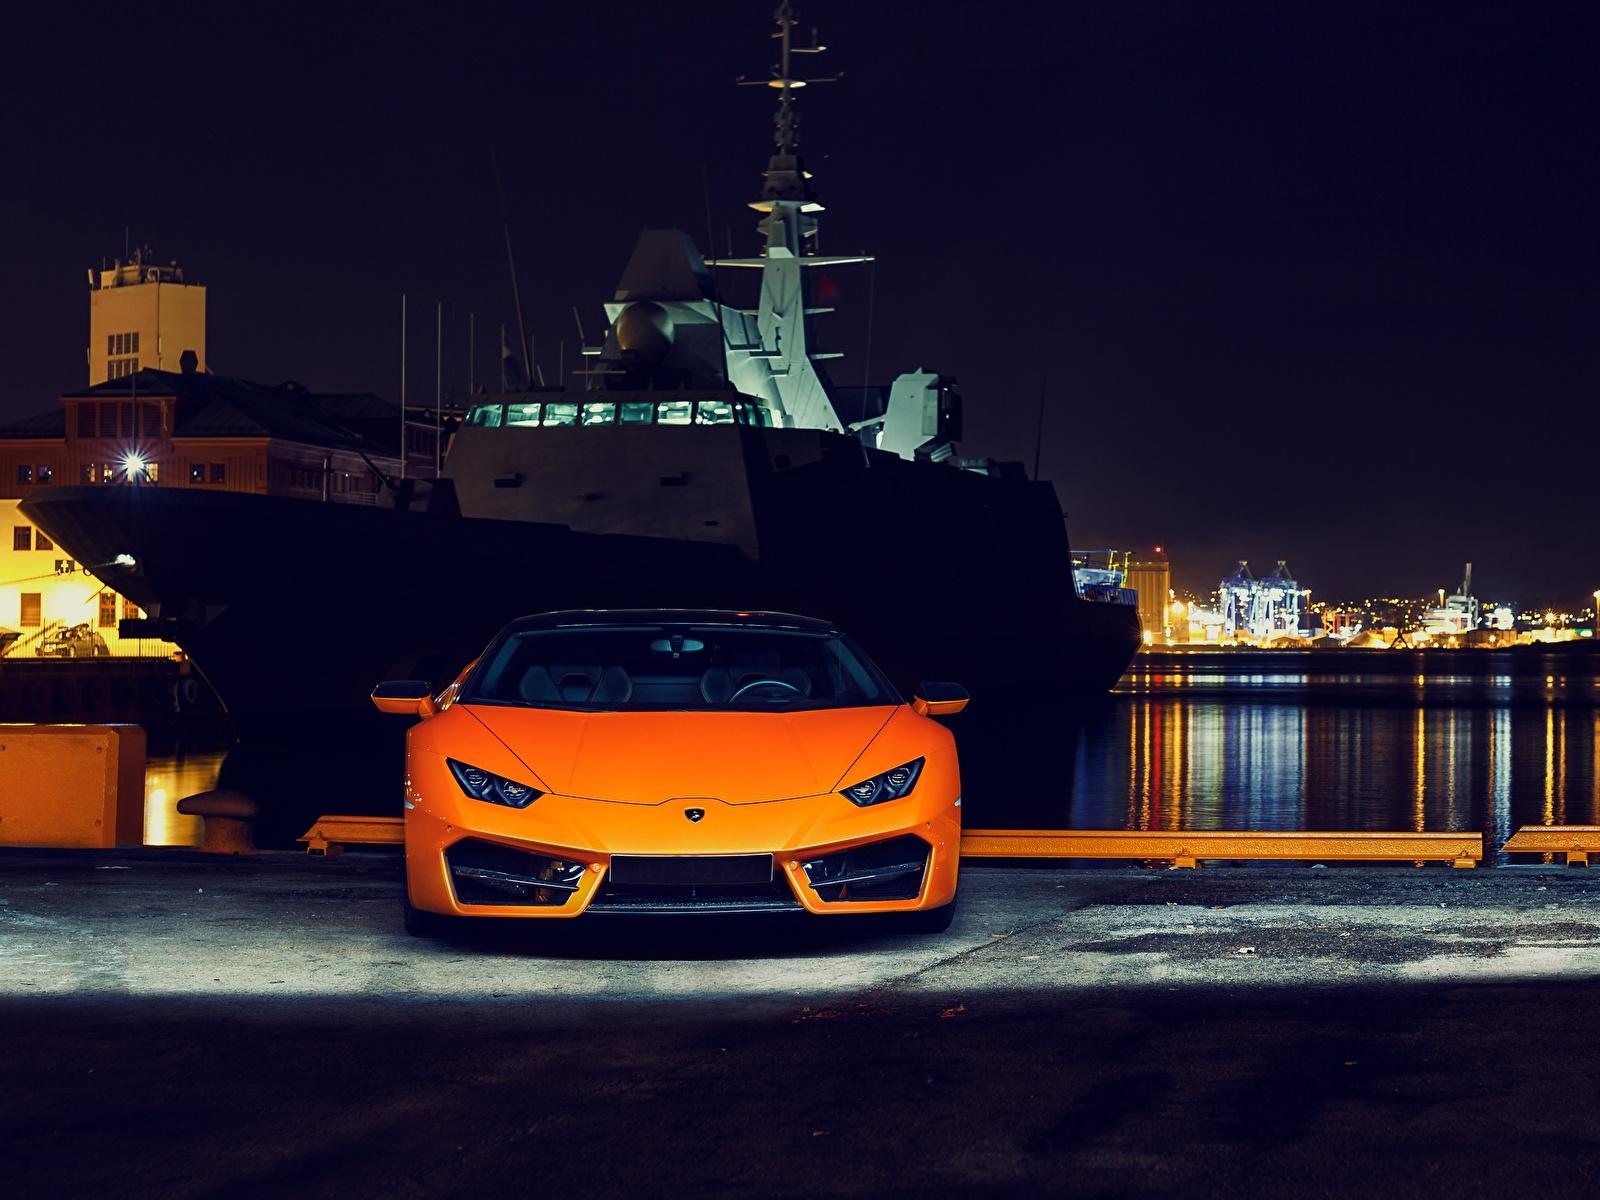 Bilder von Lamborghini Huracan 2016 LP 580-2 Orange Autos Nacht Vorne 1600x1200